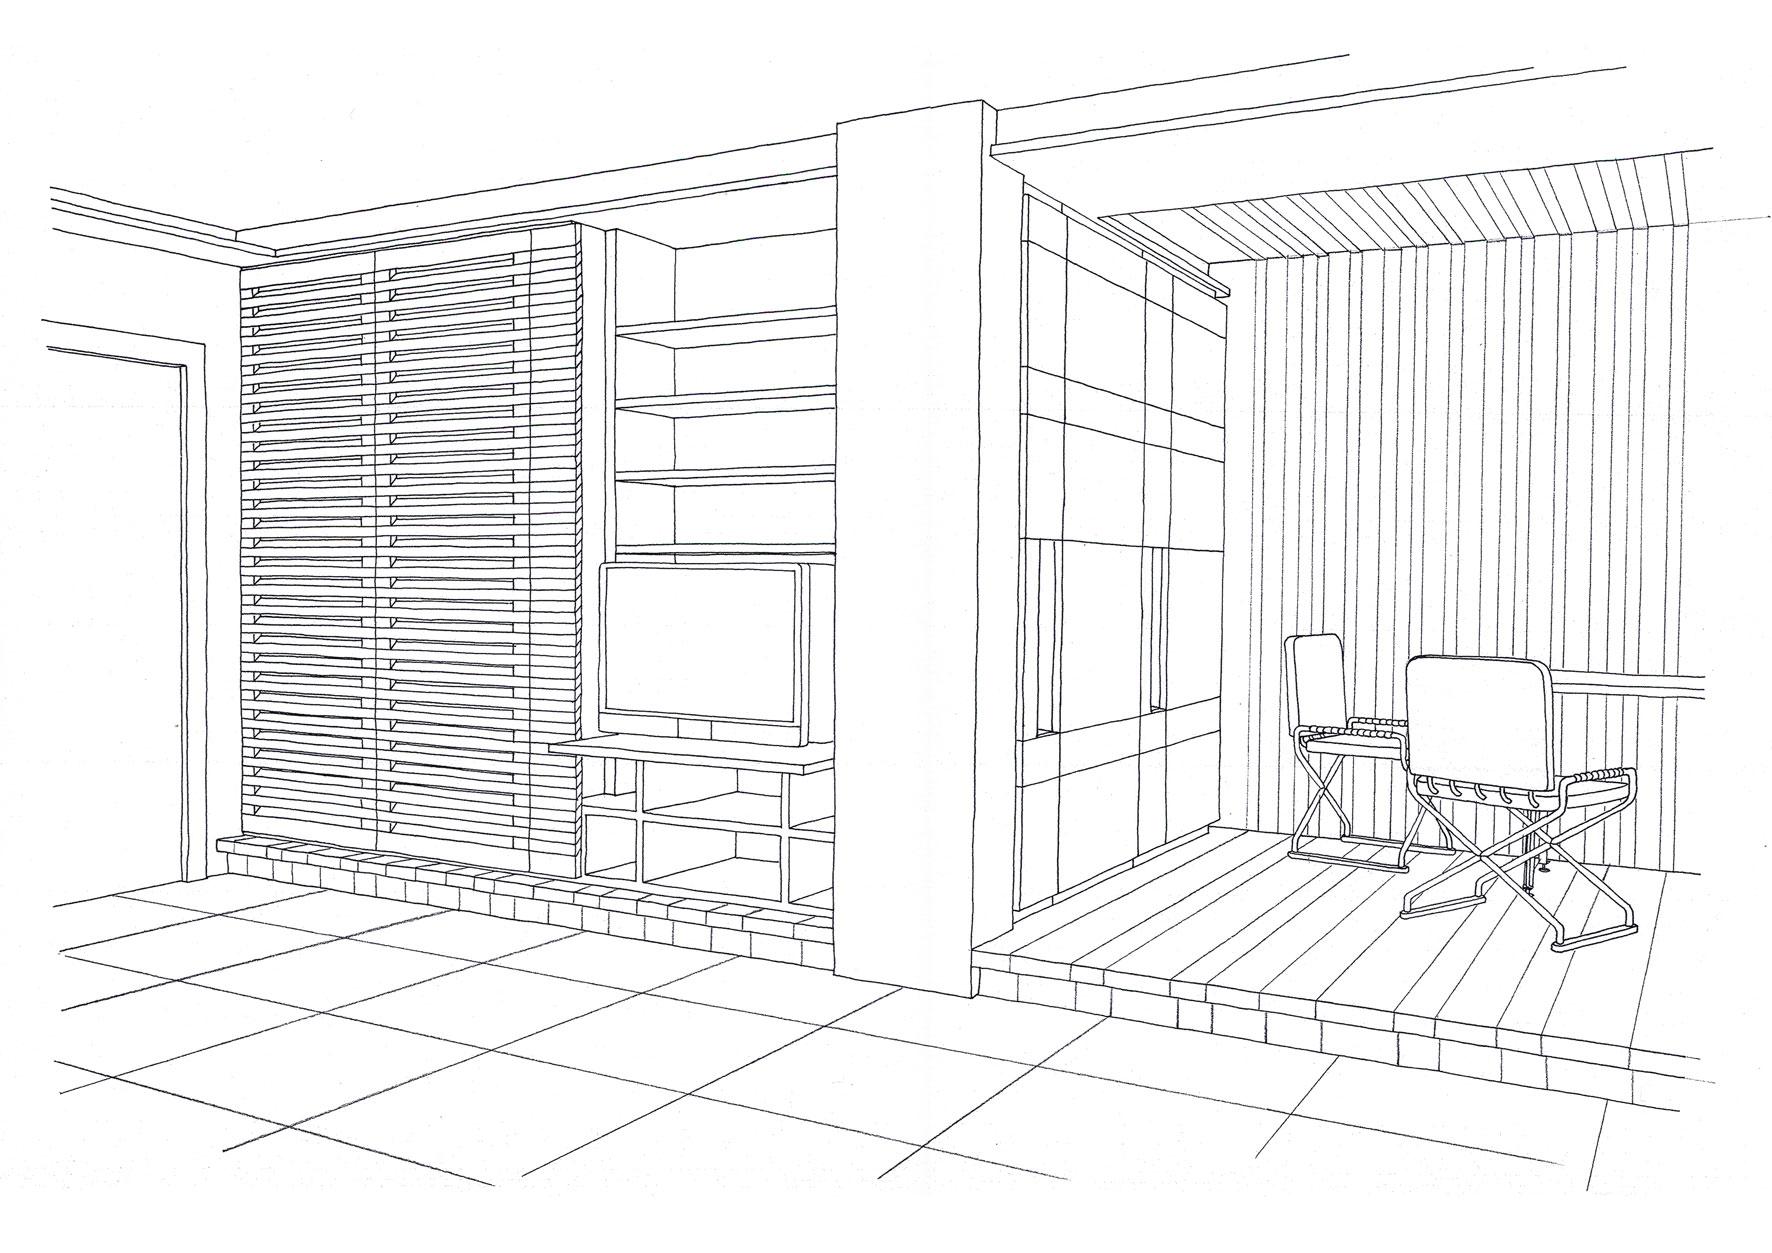 Dining platform - Alessandro Villa architect